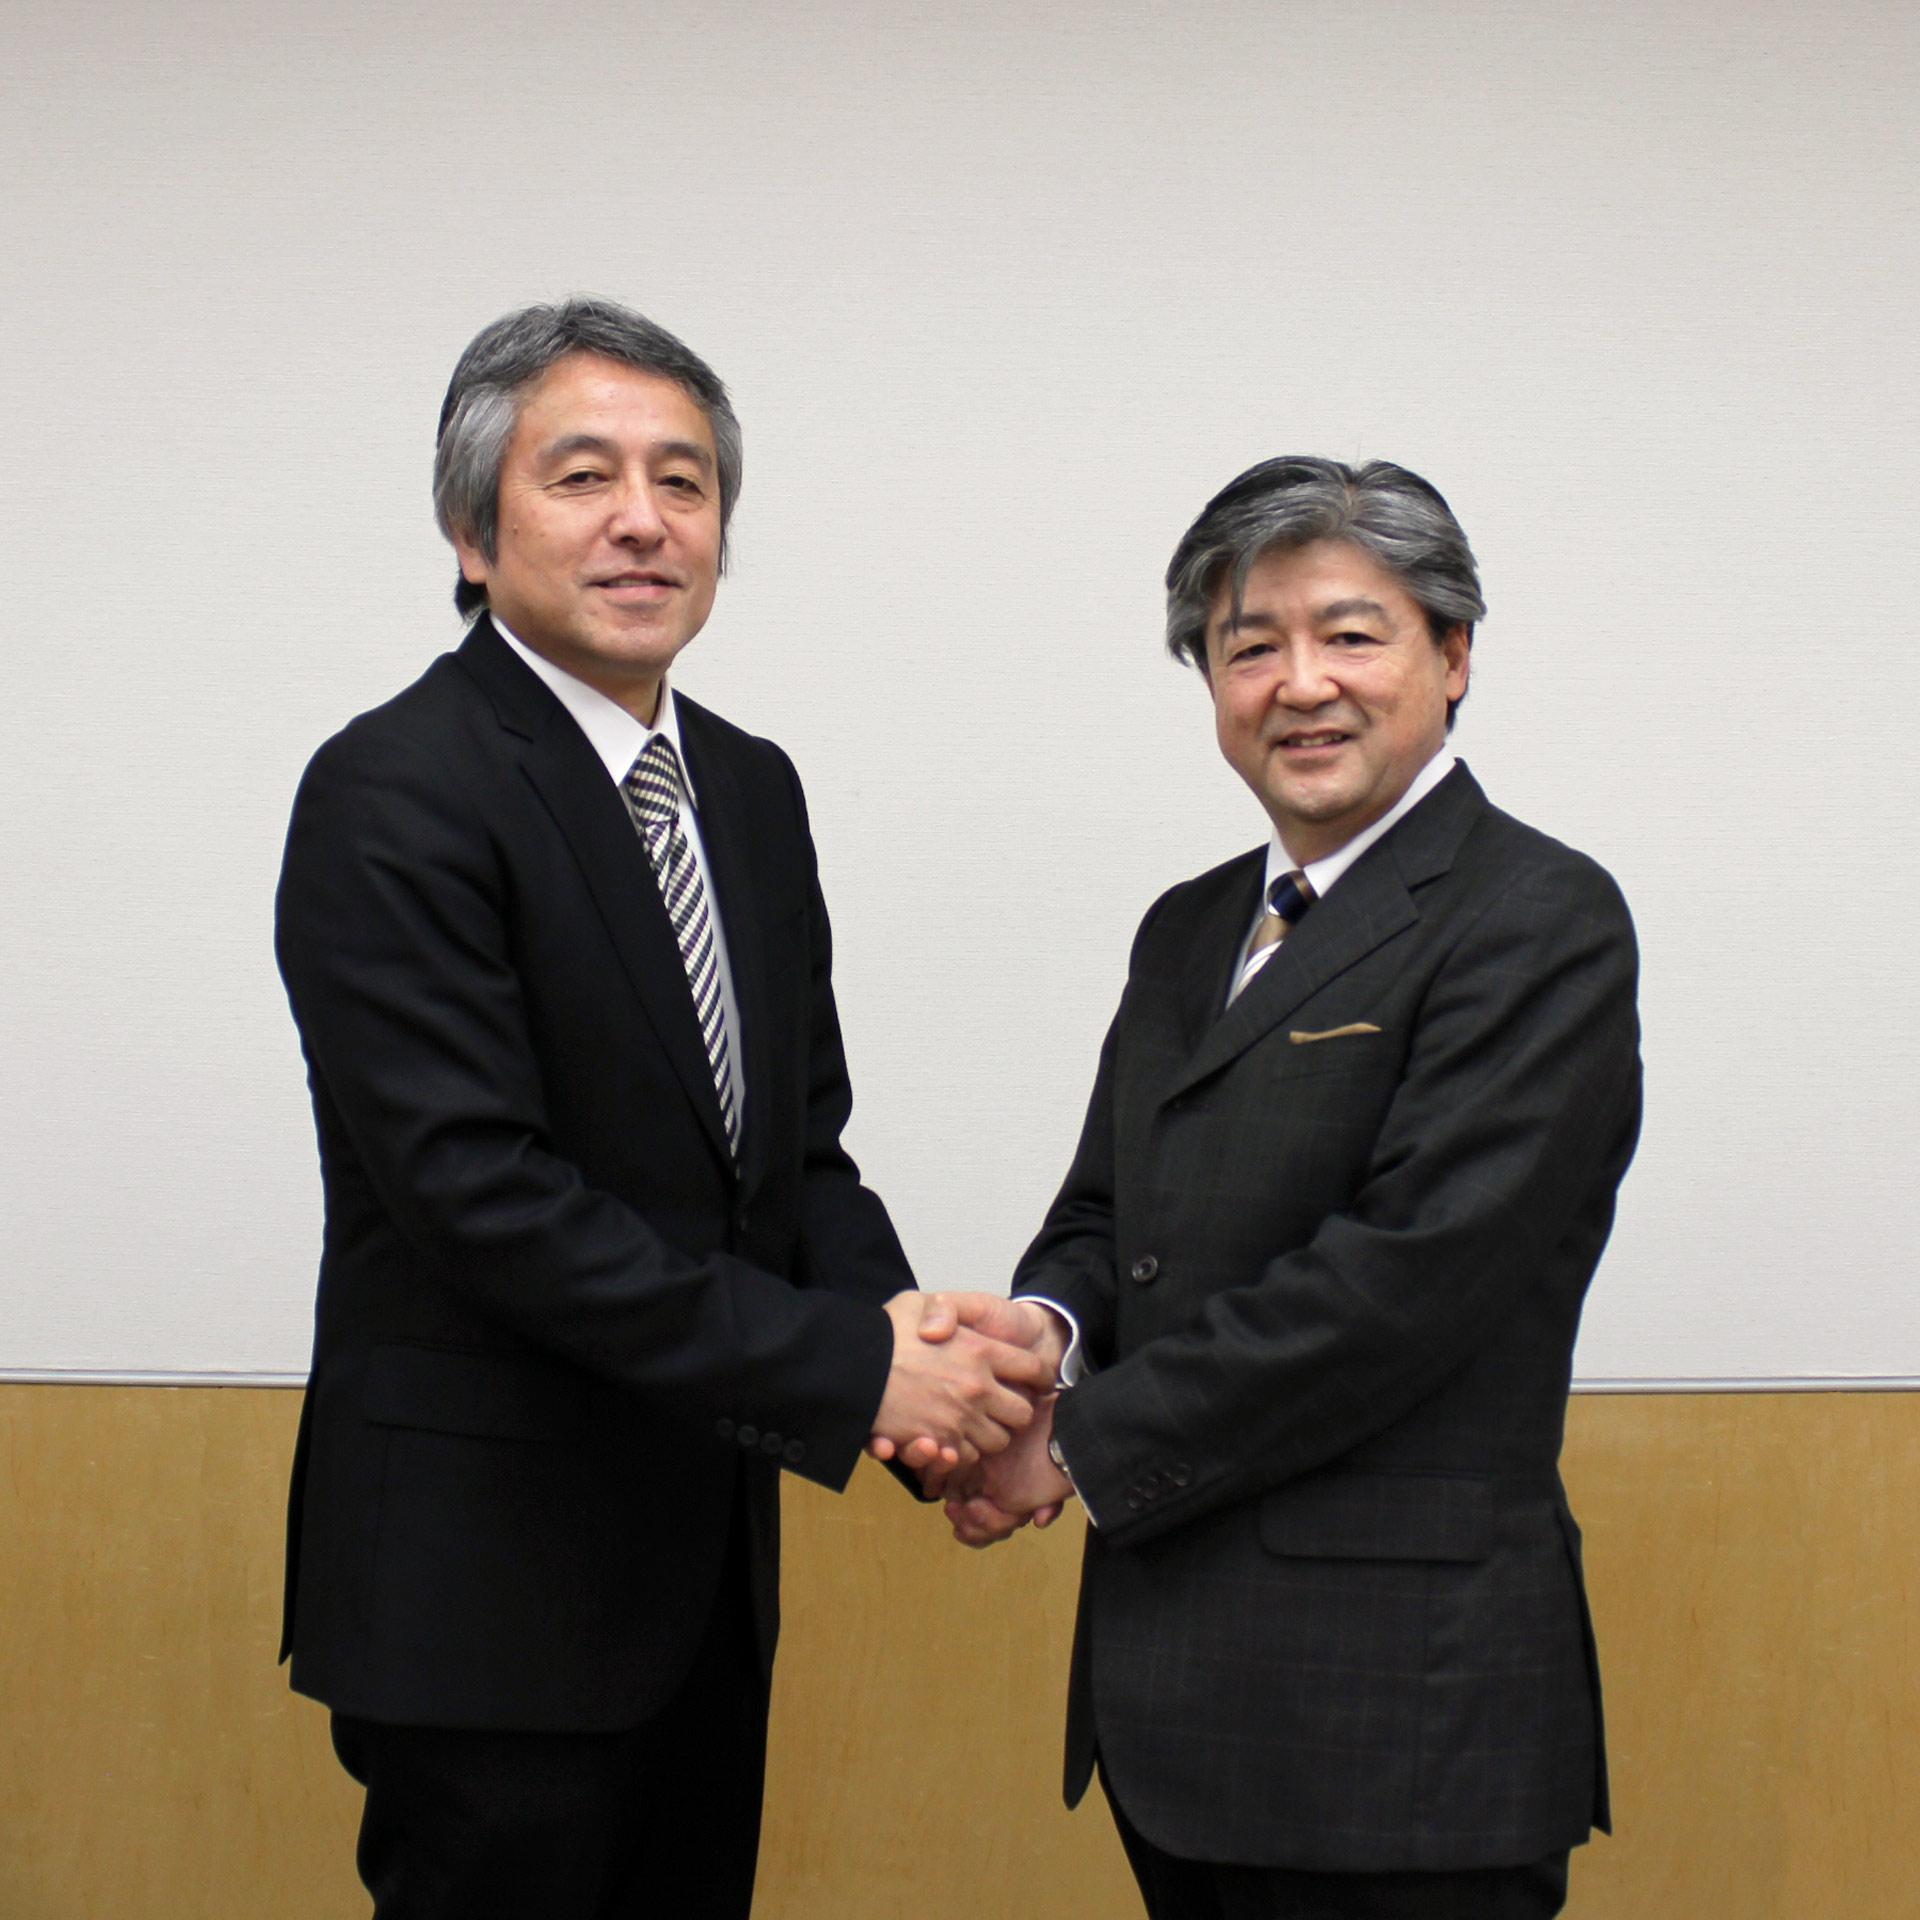 「神奈川大学・神奈川県中小企業家同友会 相互協力協定 記念シンポジウム」を開催